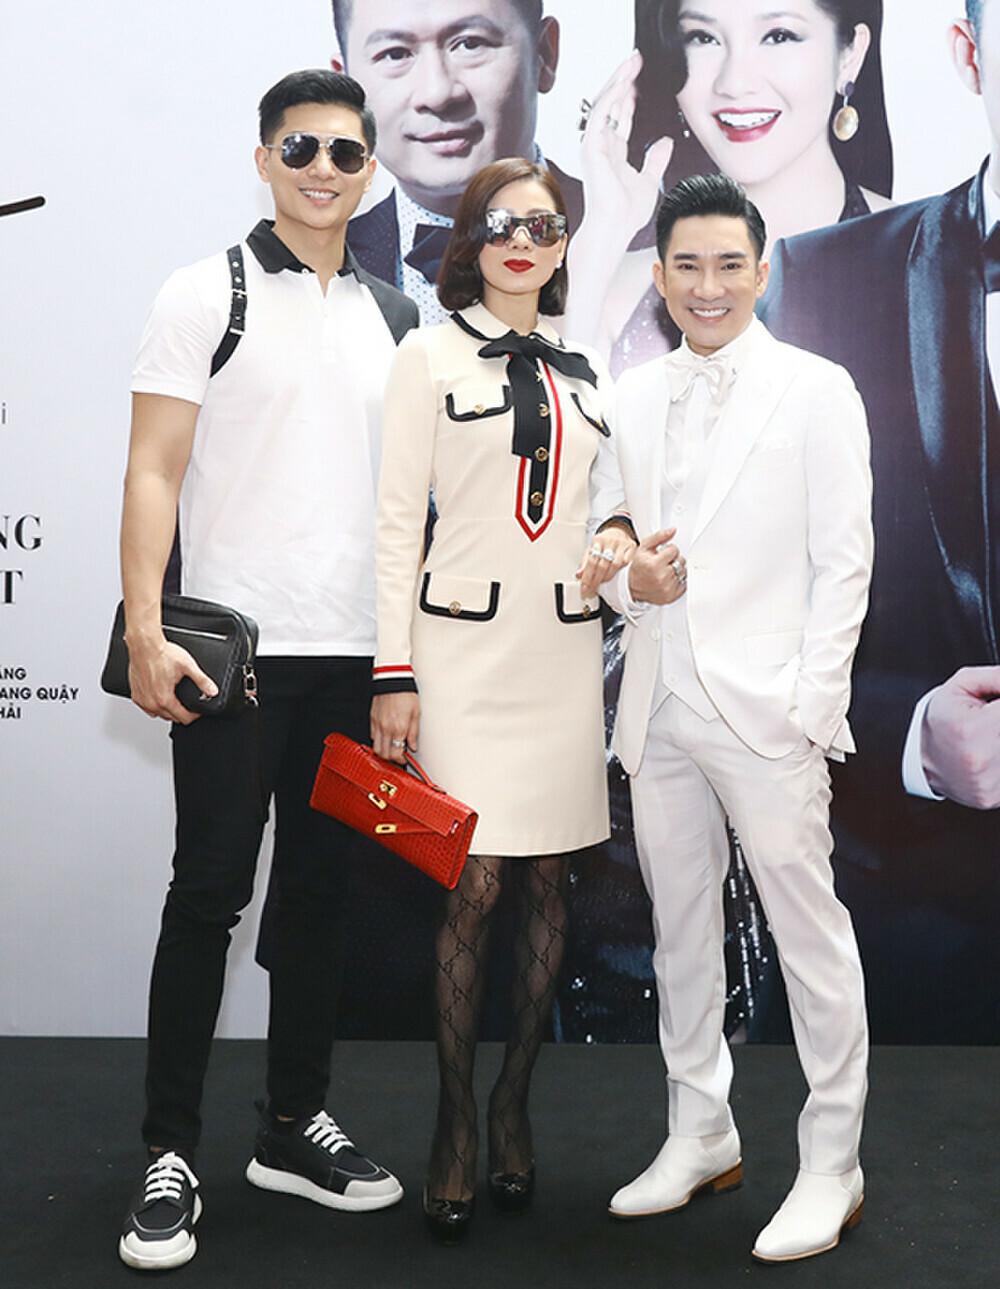 Lệ Quyên và tình trẻ Lâm Bảo Châu mặc đồ đồng điệu, tháp tùng nhau đi sự kiện tình tứ